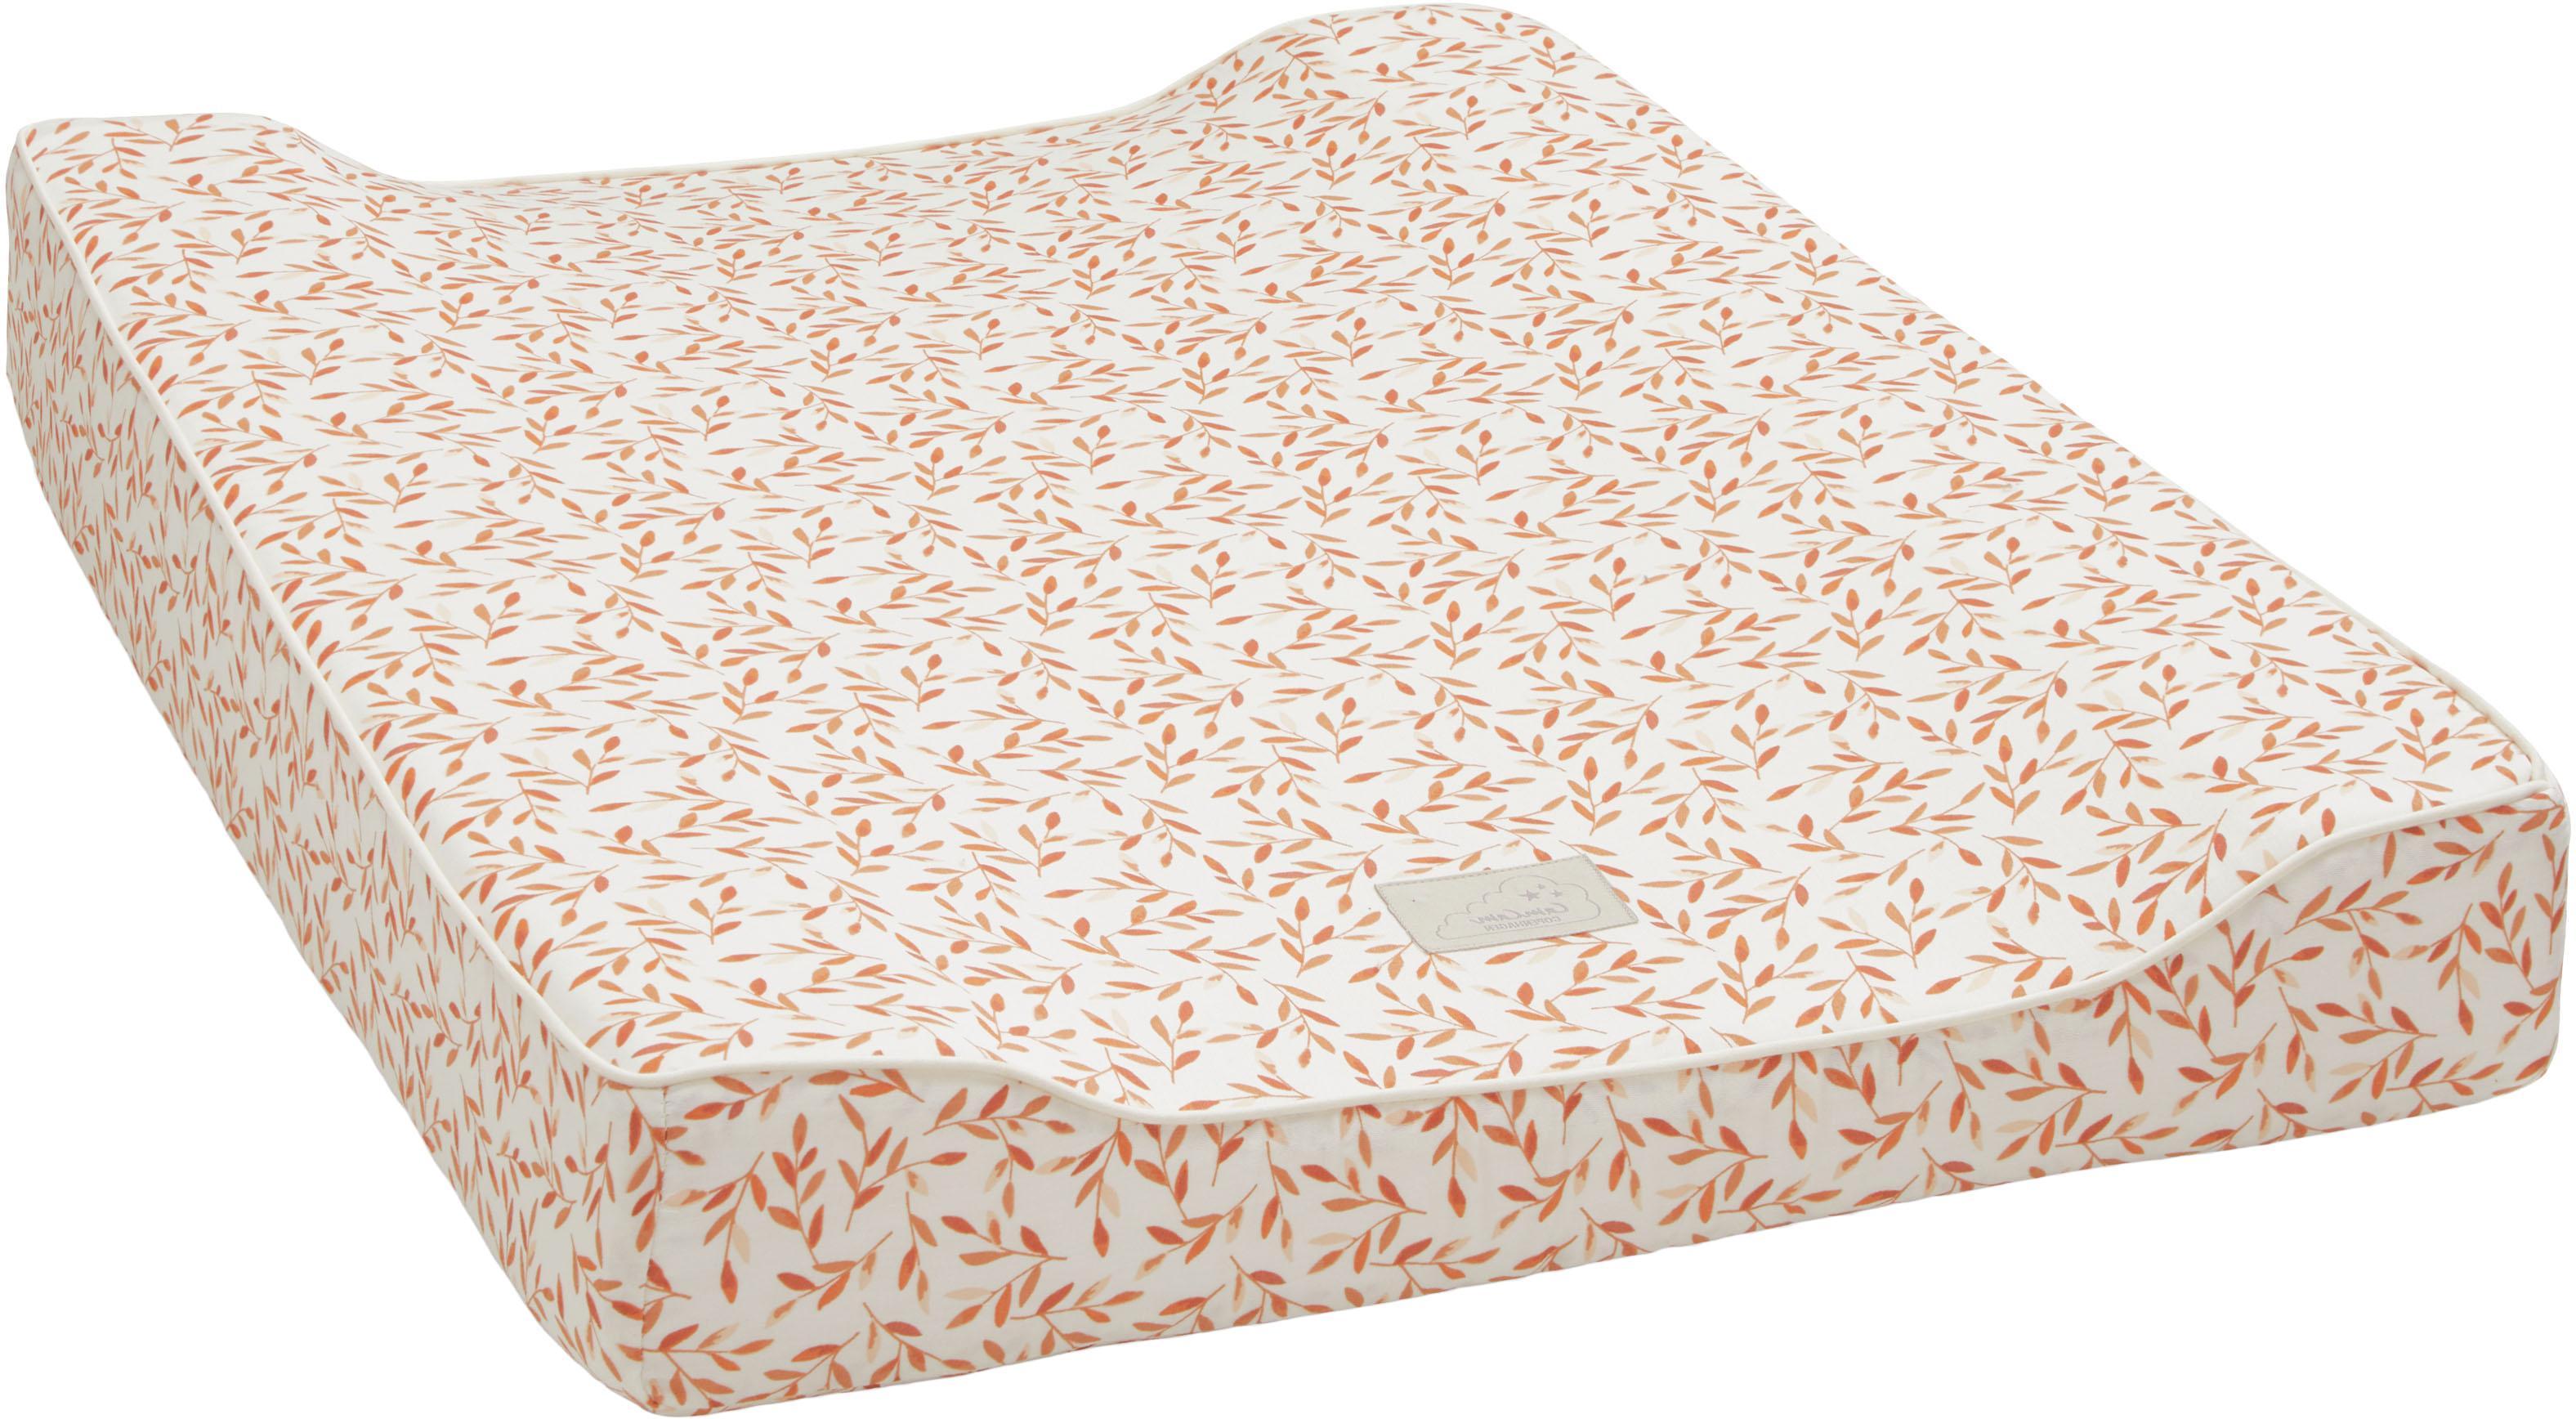 Colchón cambiador de algodón ecológico Leaves, Funda: 100%algodón ecológico, c, Crema, naranja, An 50 x L 65 cm